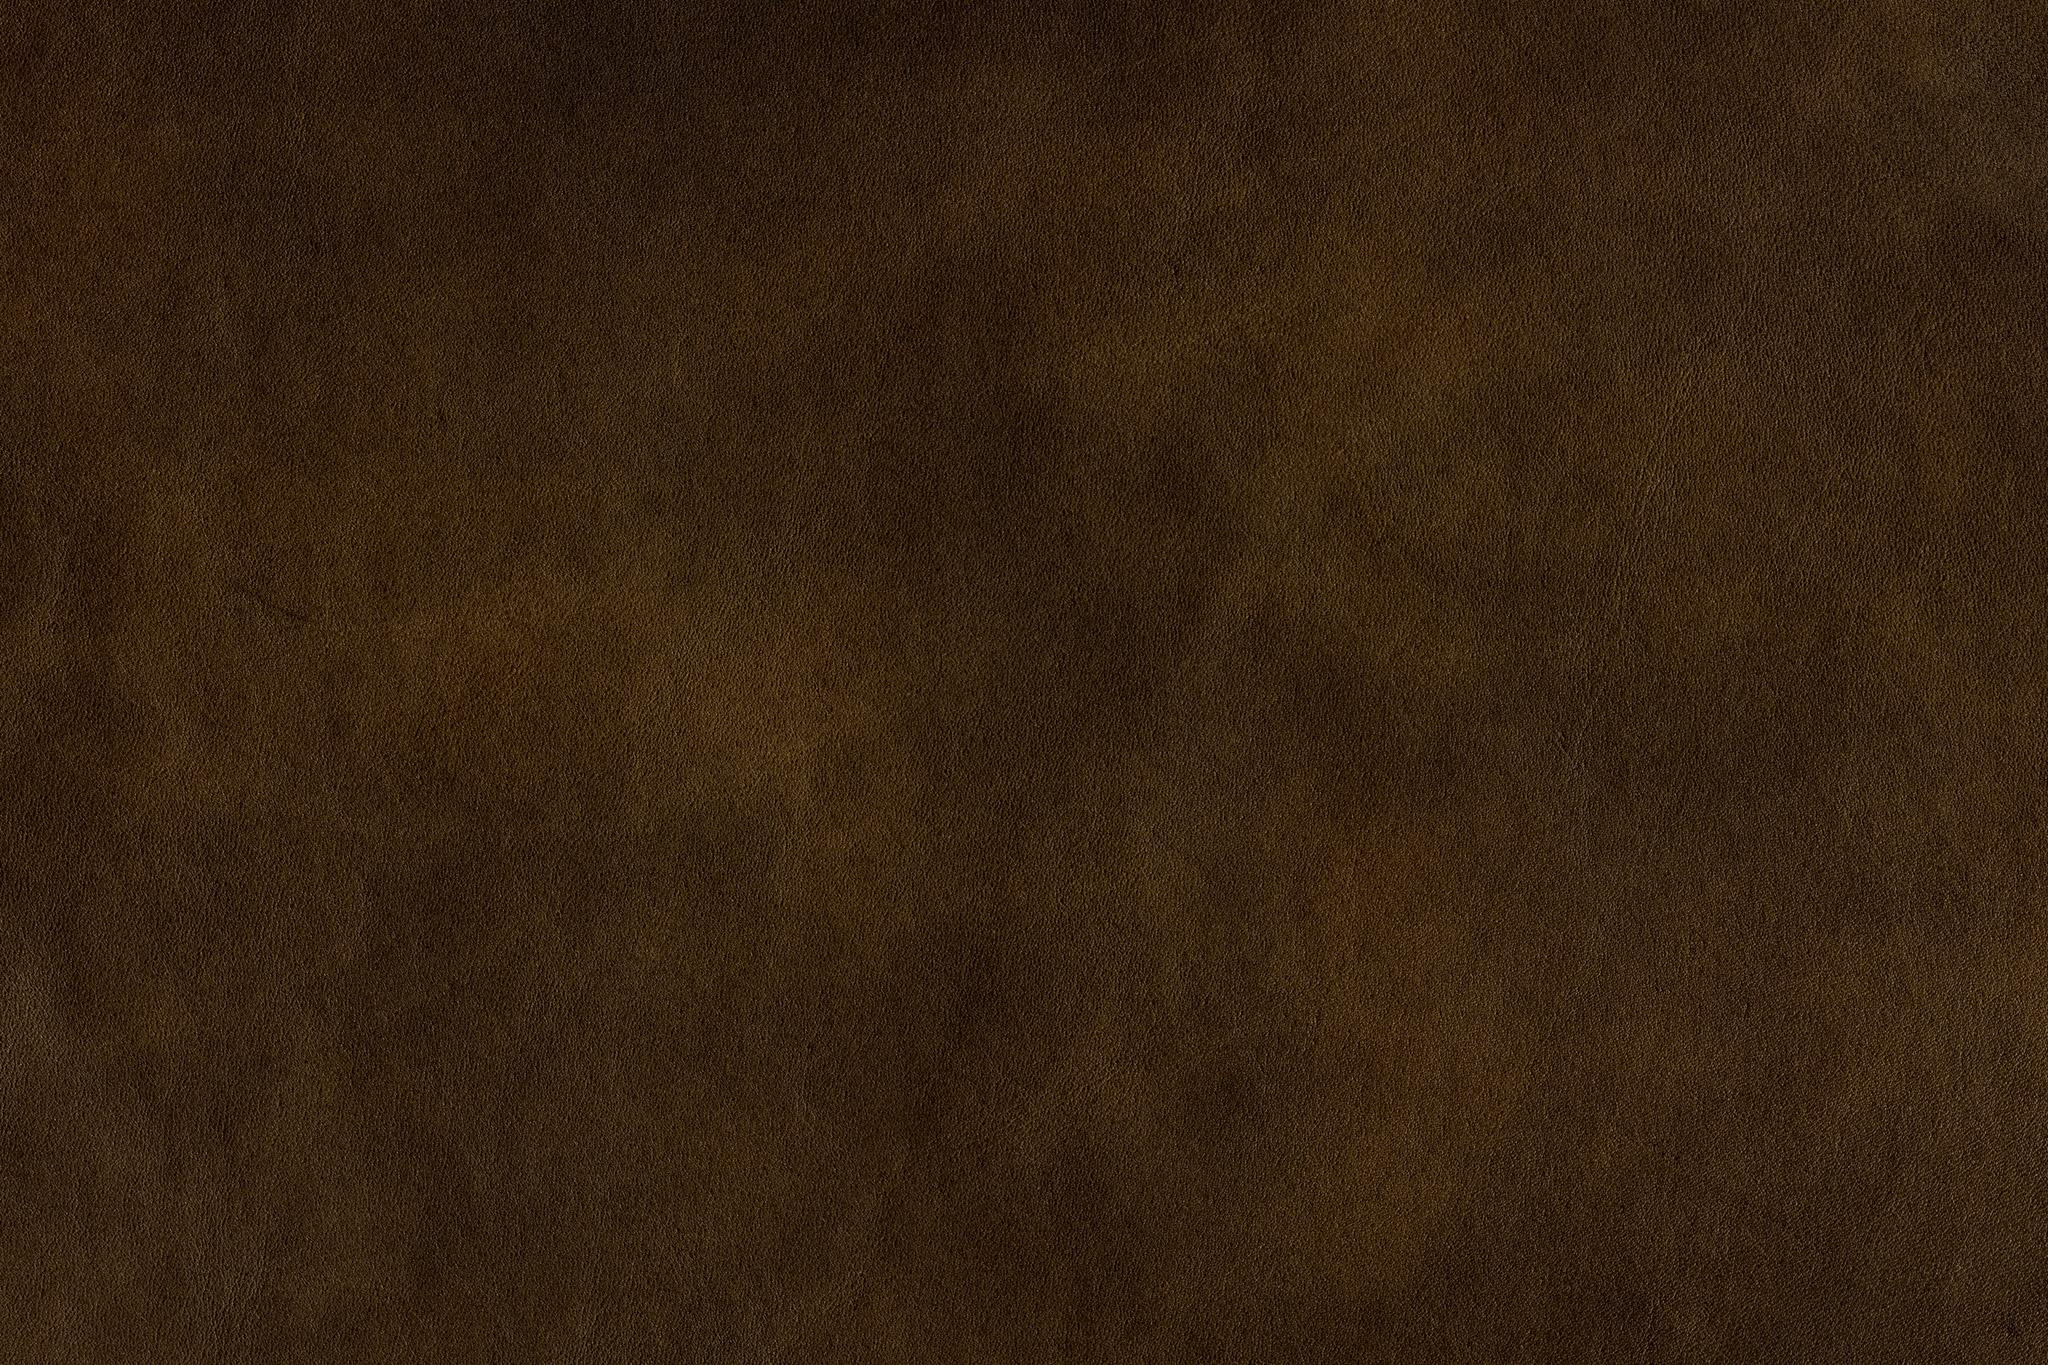 「焦げ茶色の皮のテクスチャ」